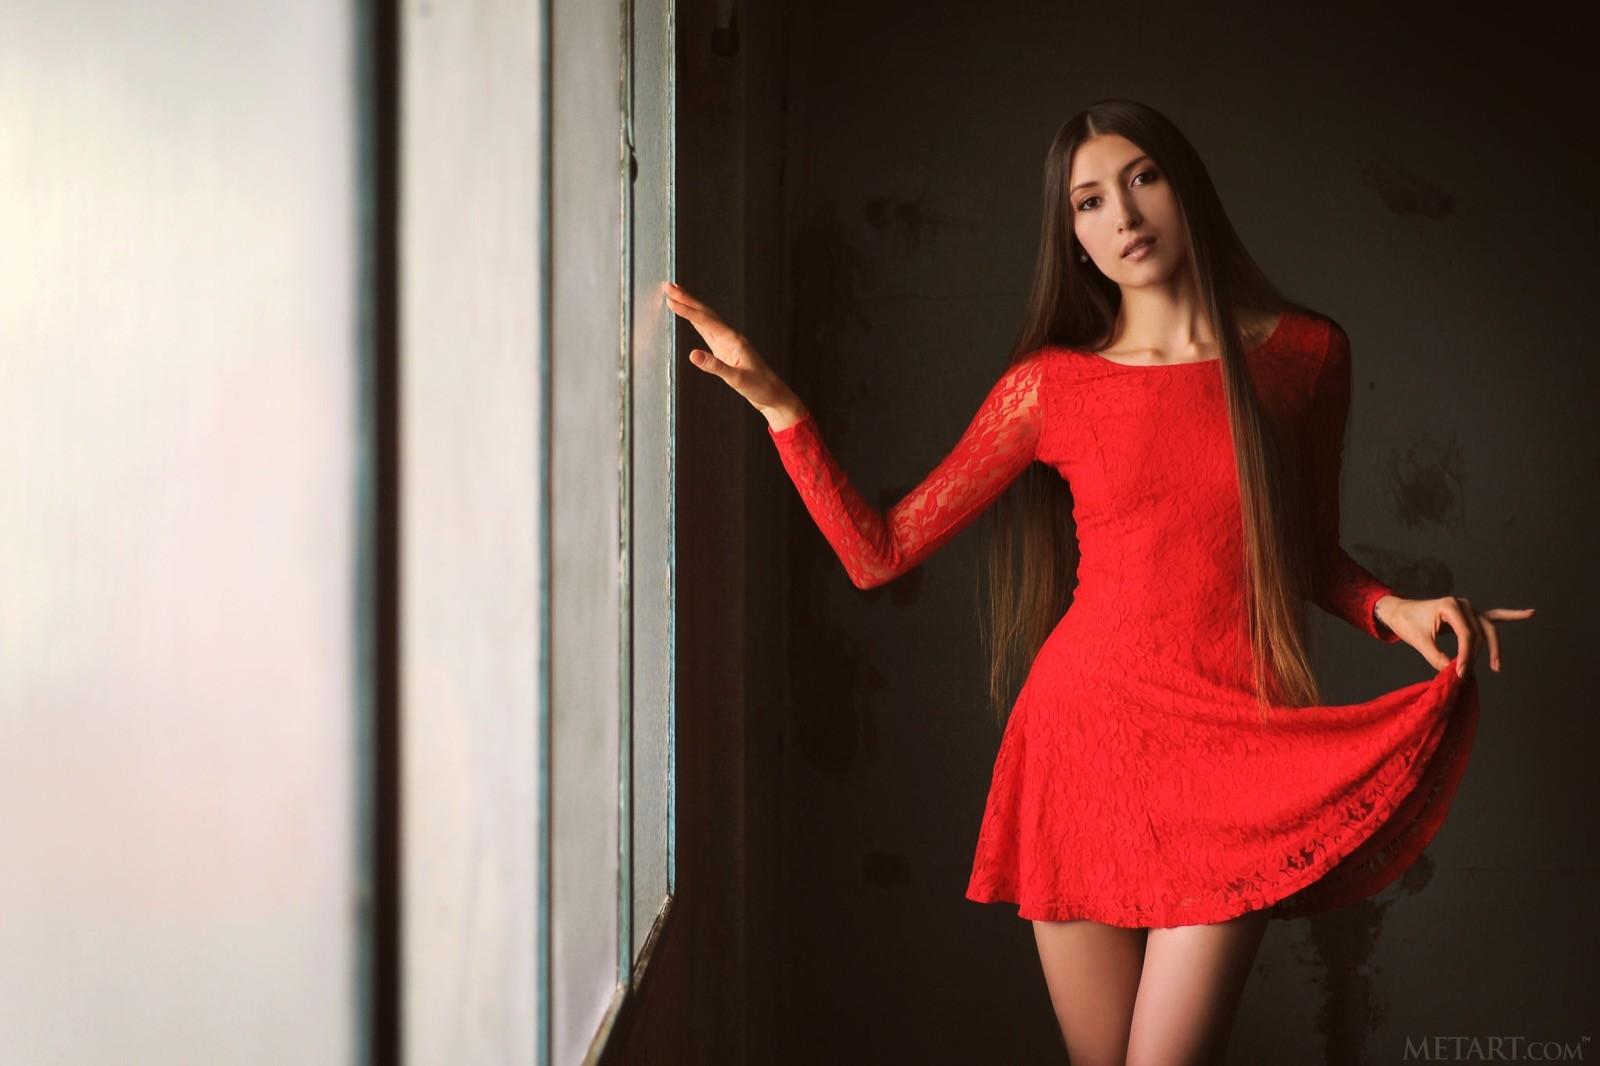 Голая писька под красным платьем - фото